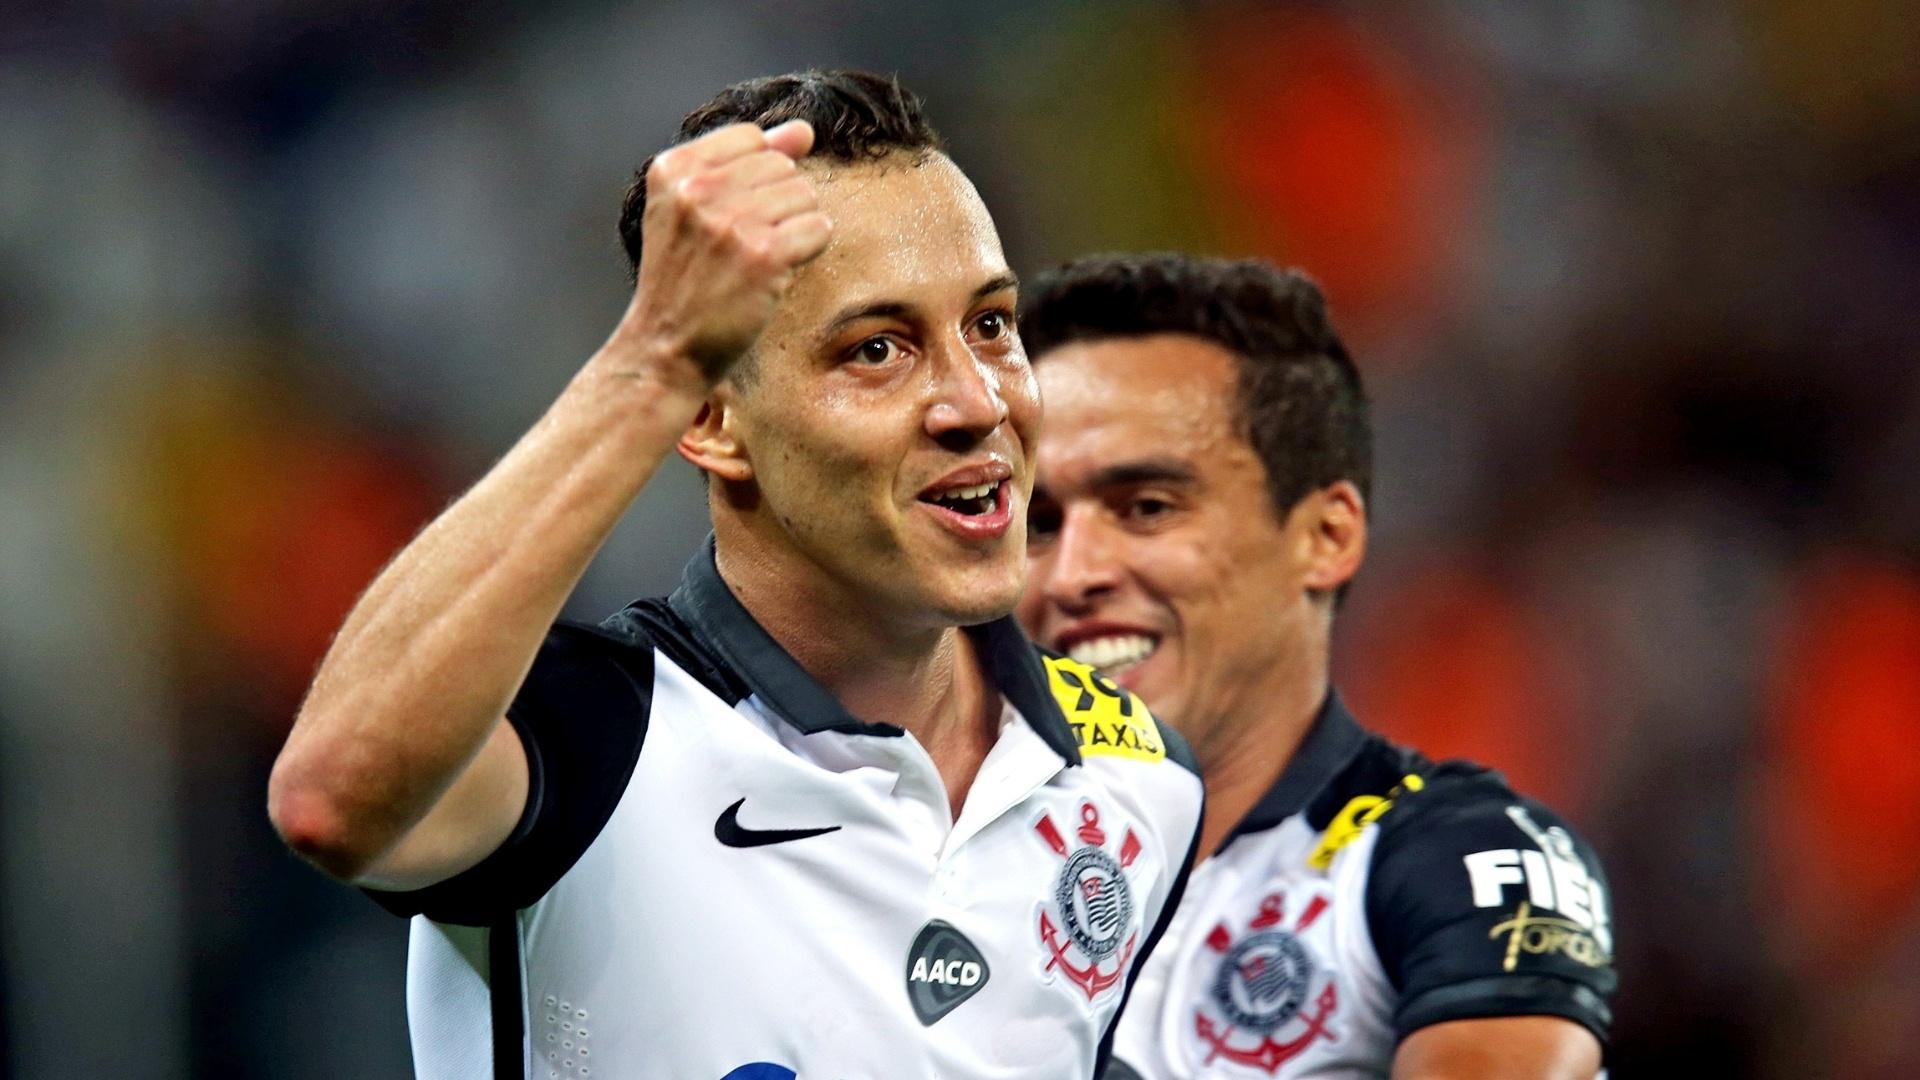 Rodriguinho faz o terceiro gol do Corinthians sobre o Goiás em partida válida pela 30ª rodada do Campeonato Brasileiro